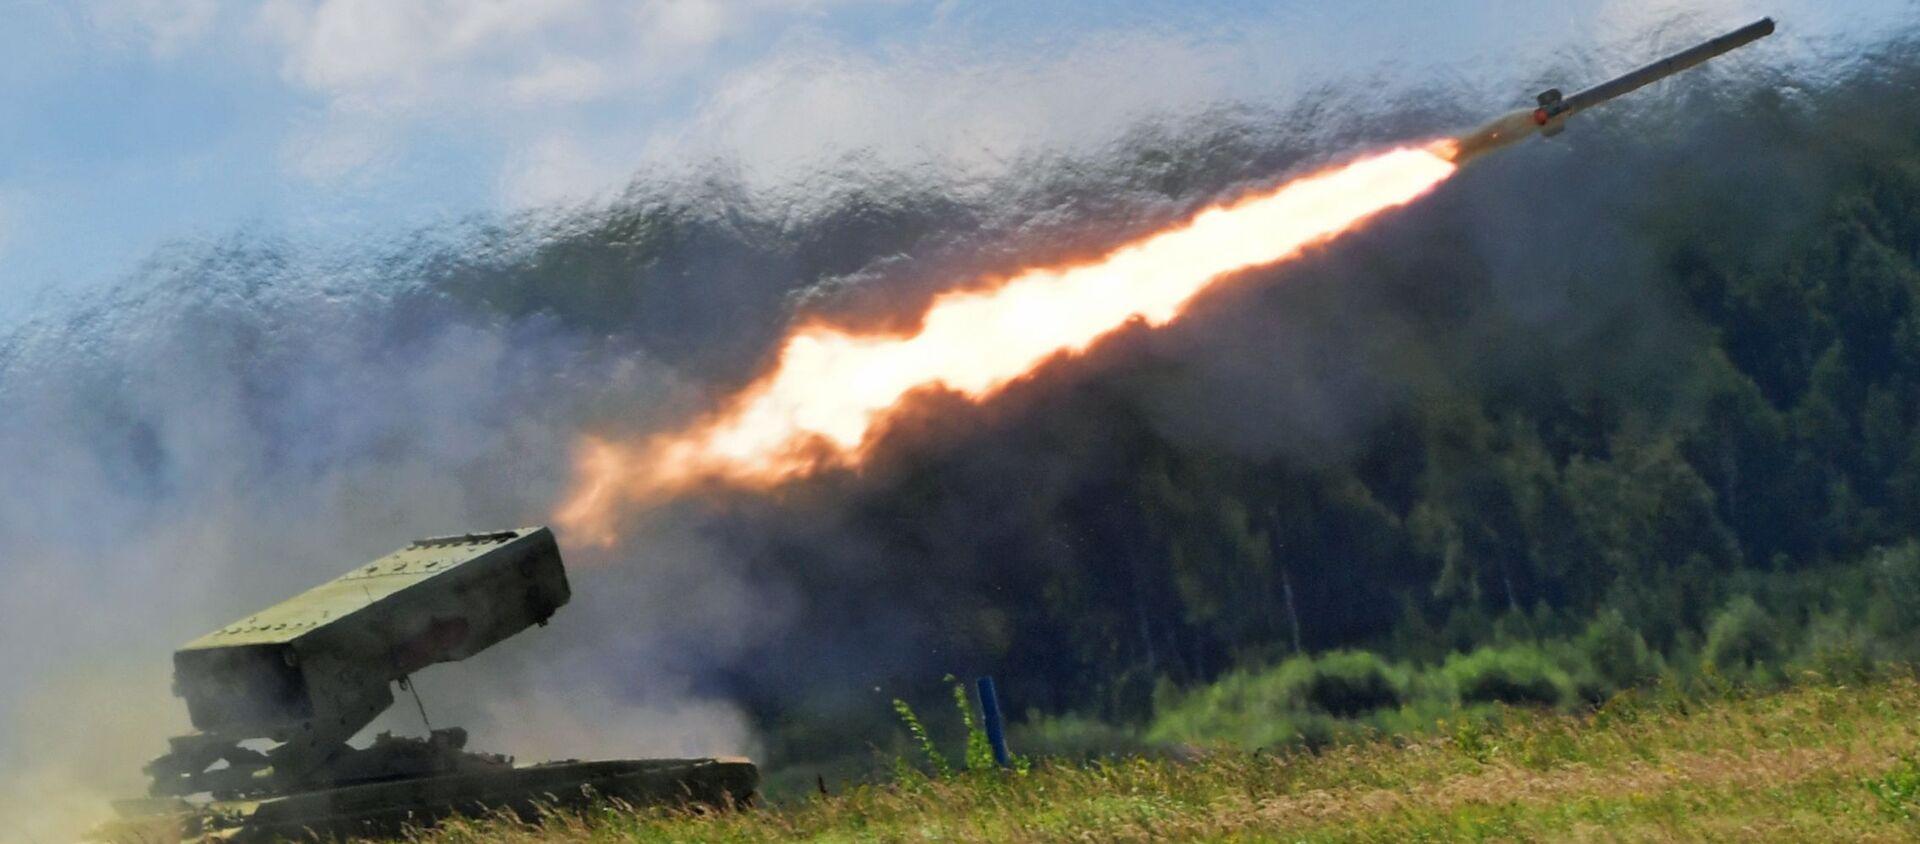 Hệ thống phun lửa phóng loạt hạng nặng dựa trên khung gầm xe tăng T-72 TOS-1a Solntsepek. - Sputnik Việt Nam, 1920, 12.10.2020